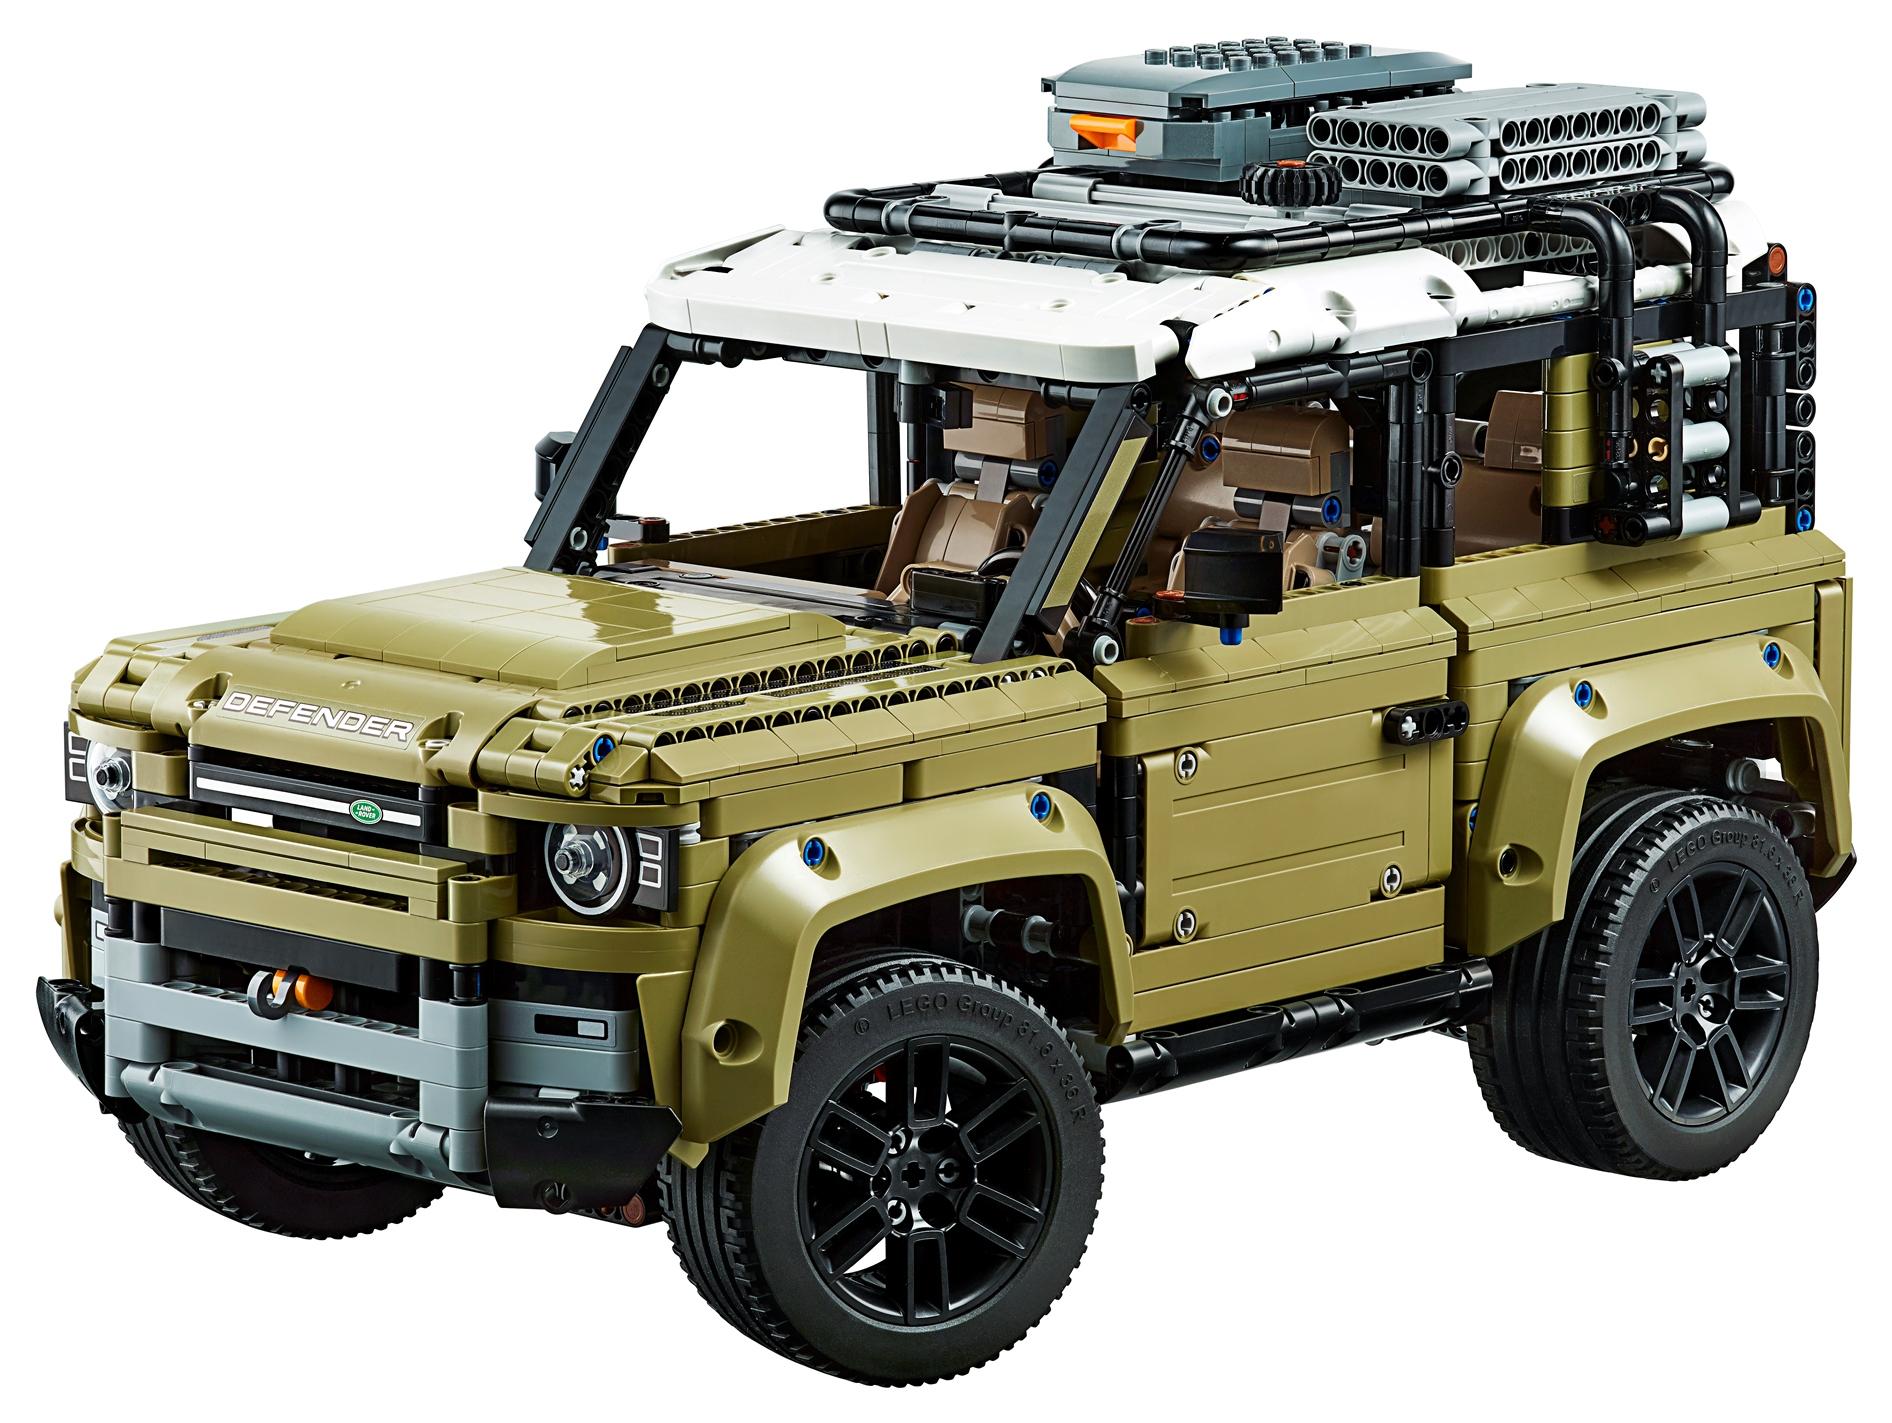 Miniatura da Lego mostra a antiga geração do Land Rover Defender bastante quadradona